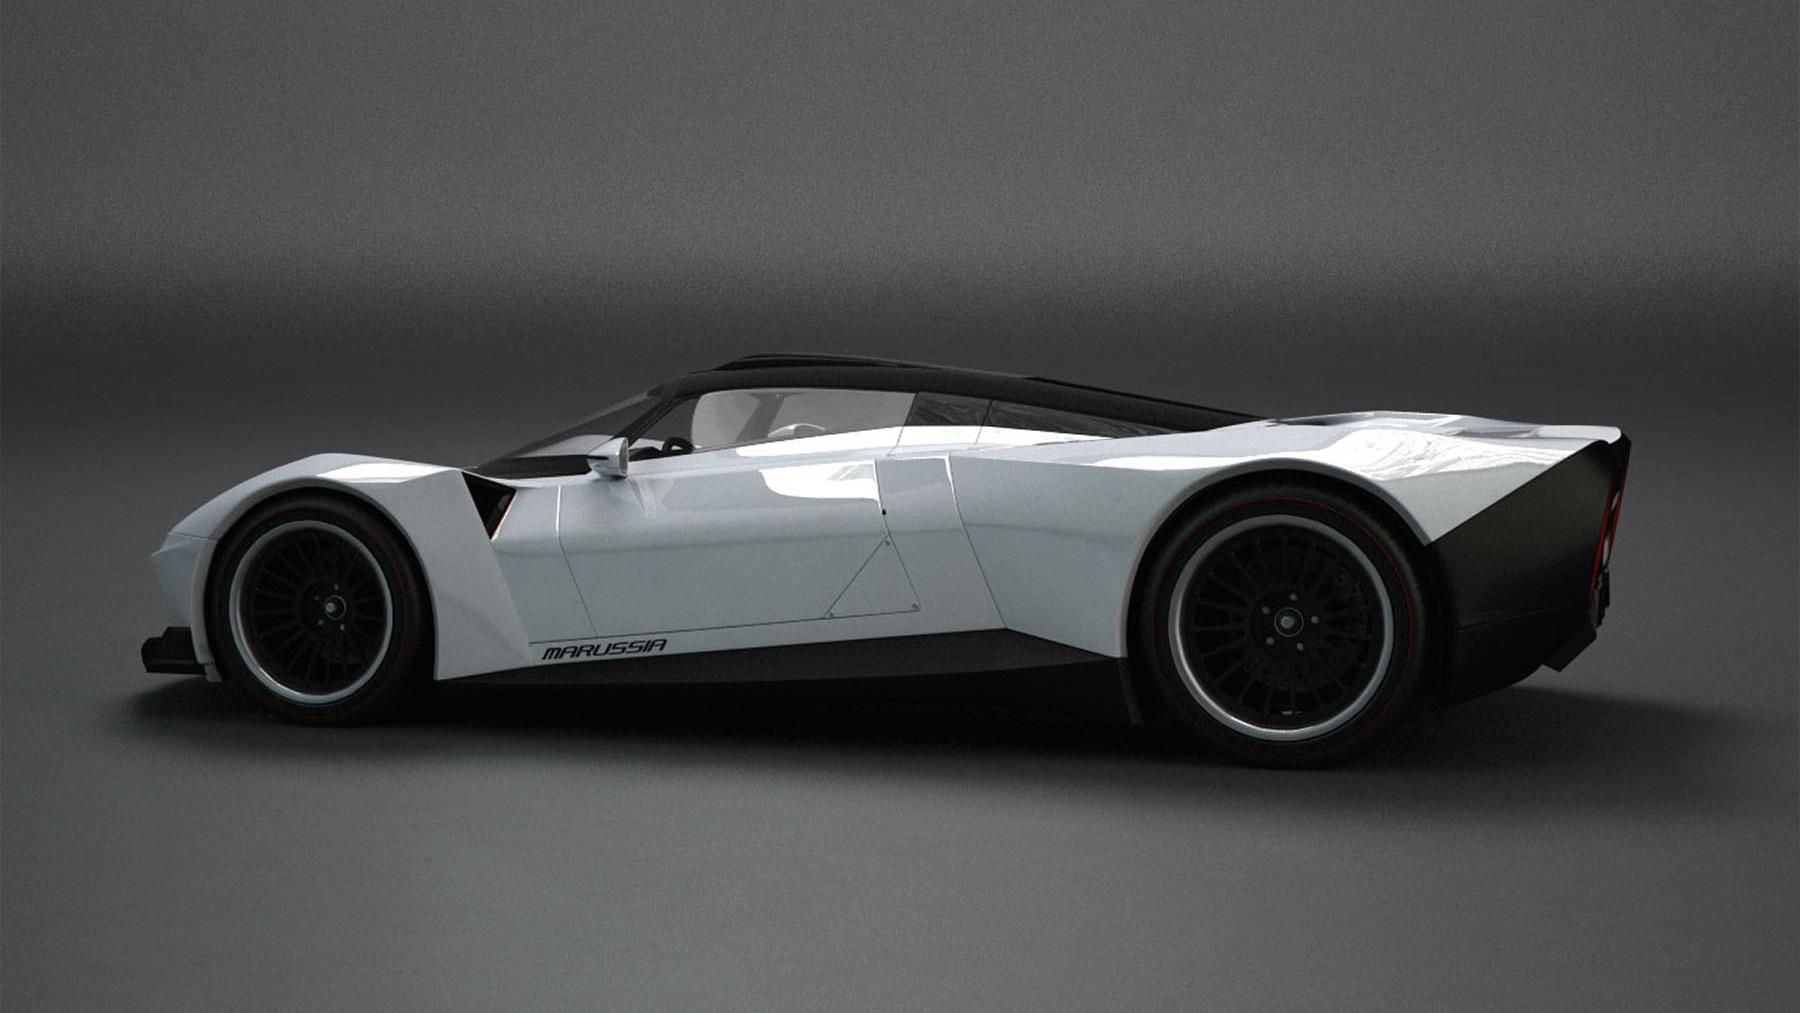 krasnov igor muska supercar concept rendering 007